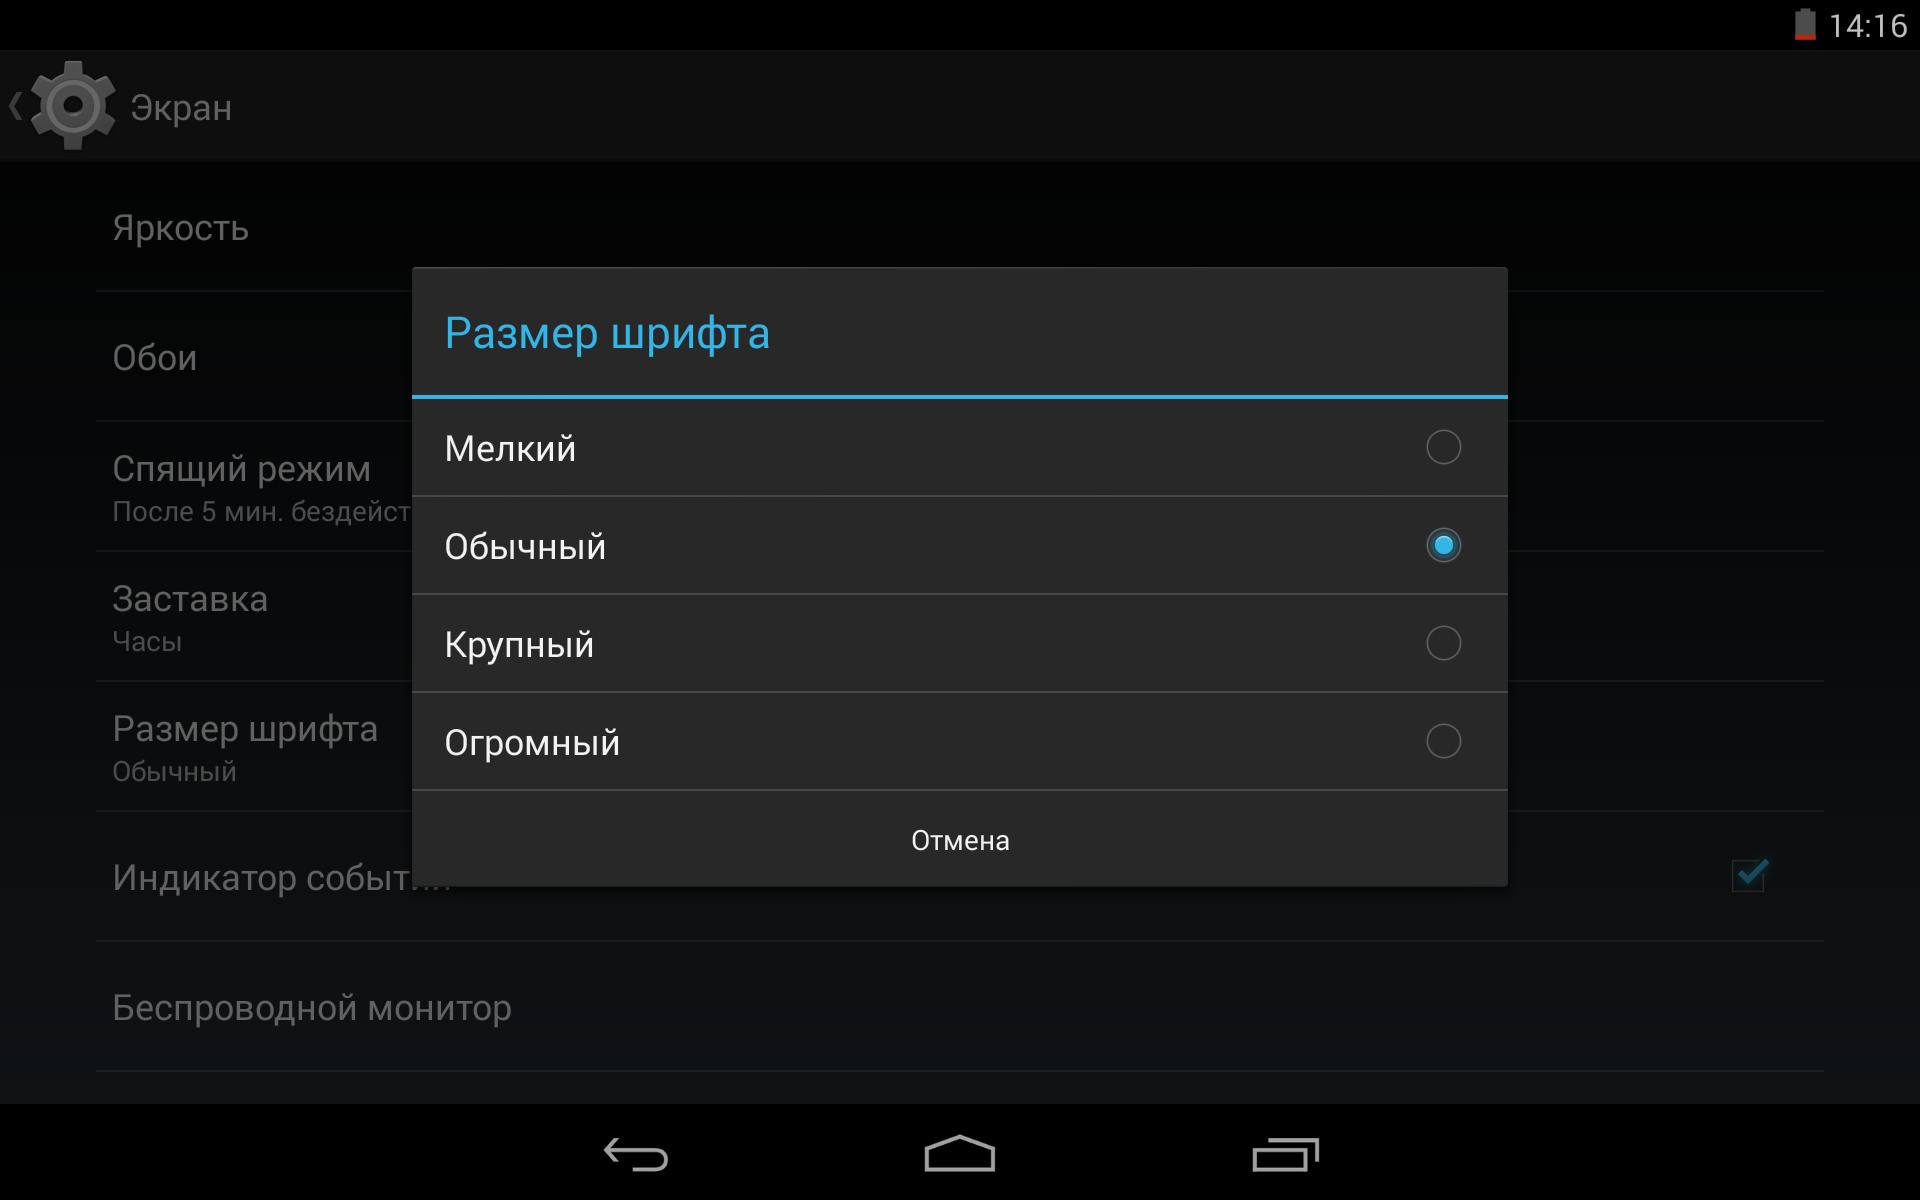 Скачать темы на samsung gt-c3322 duos без смс worthydownloads.